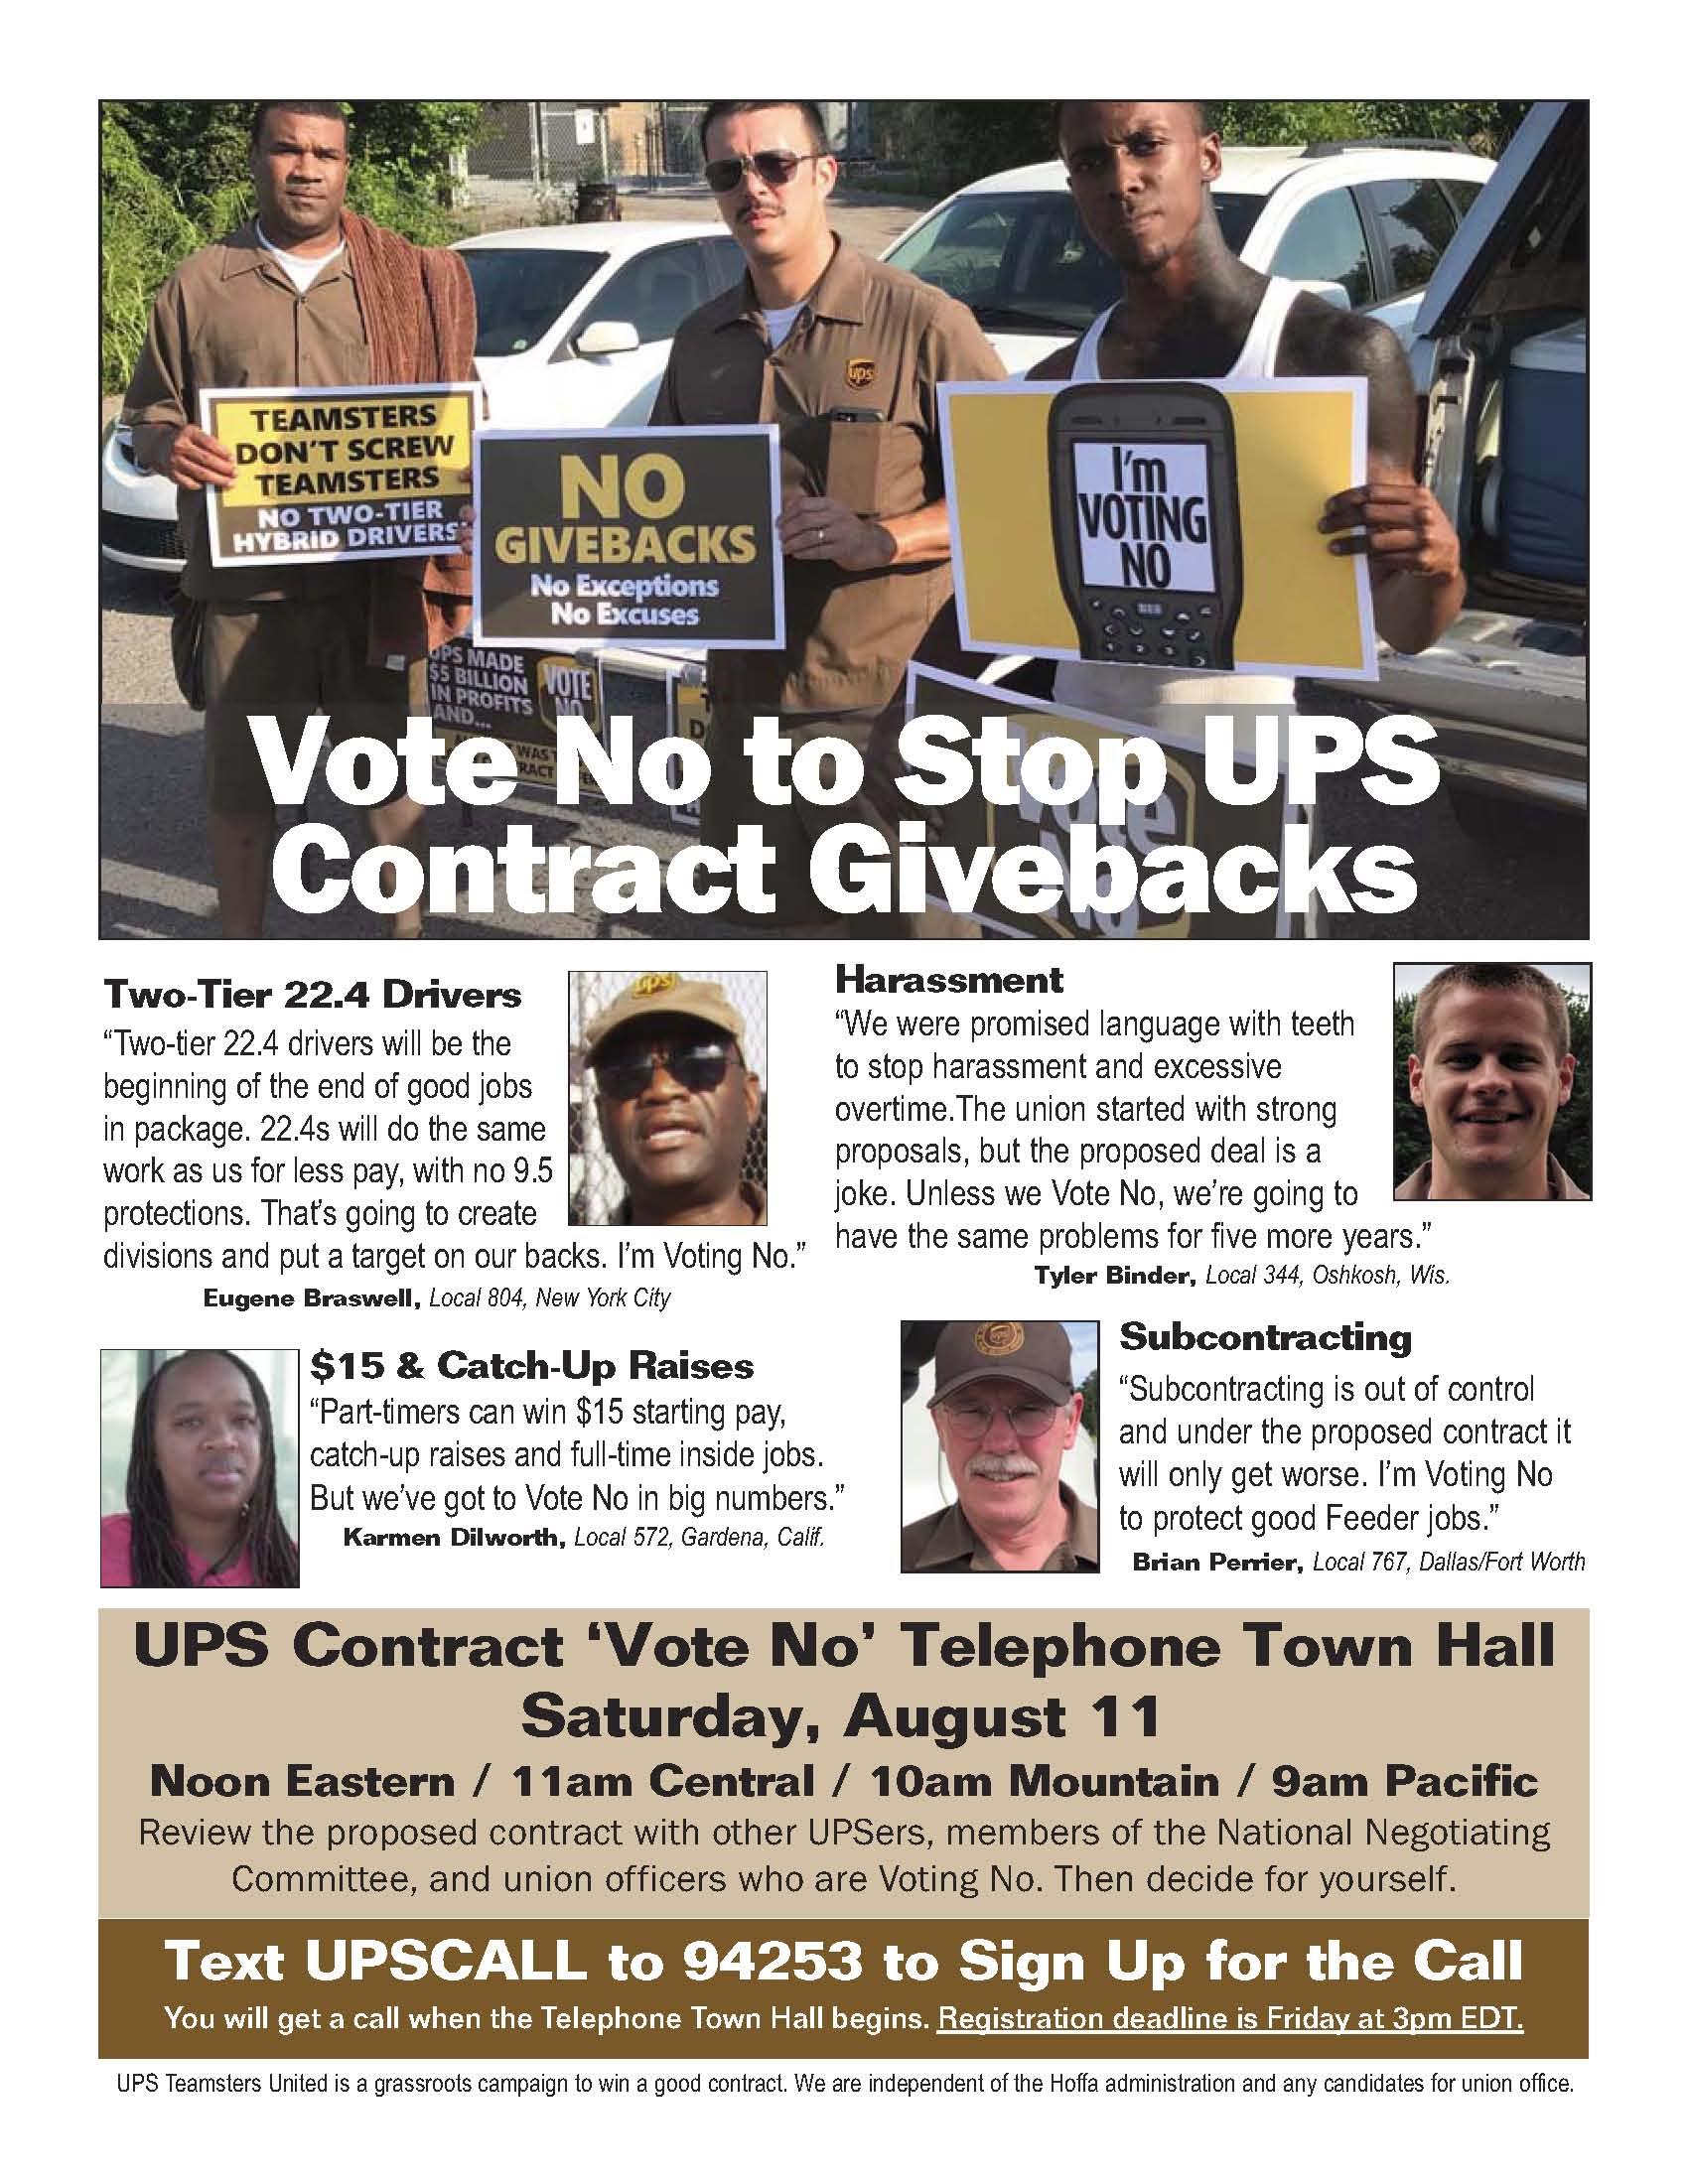 vote-no-conf-call-info.jpg